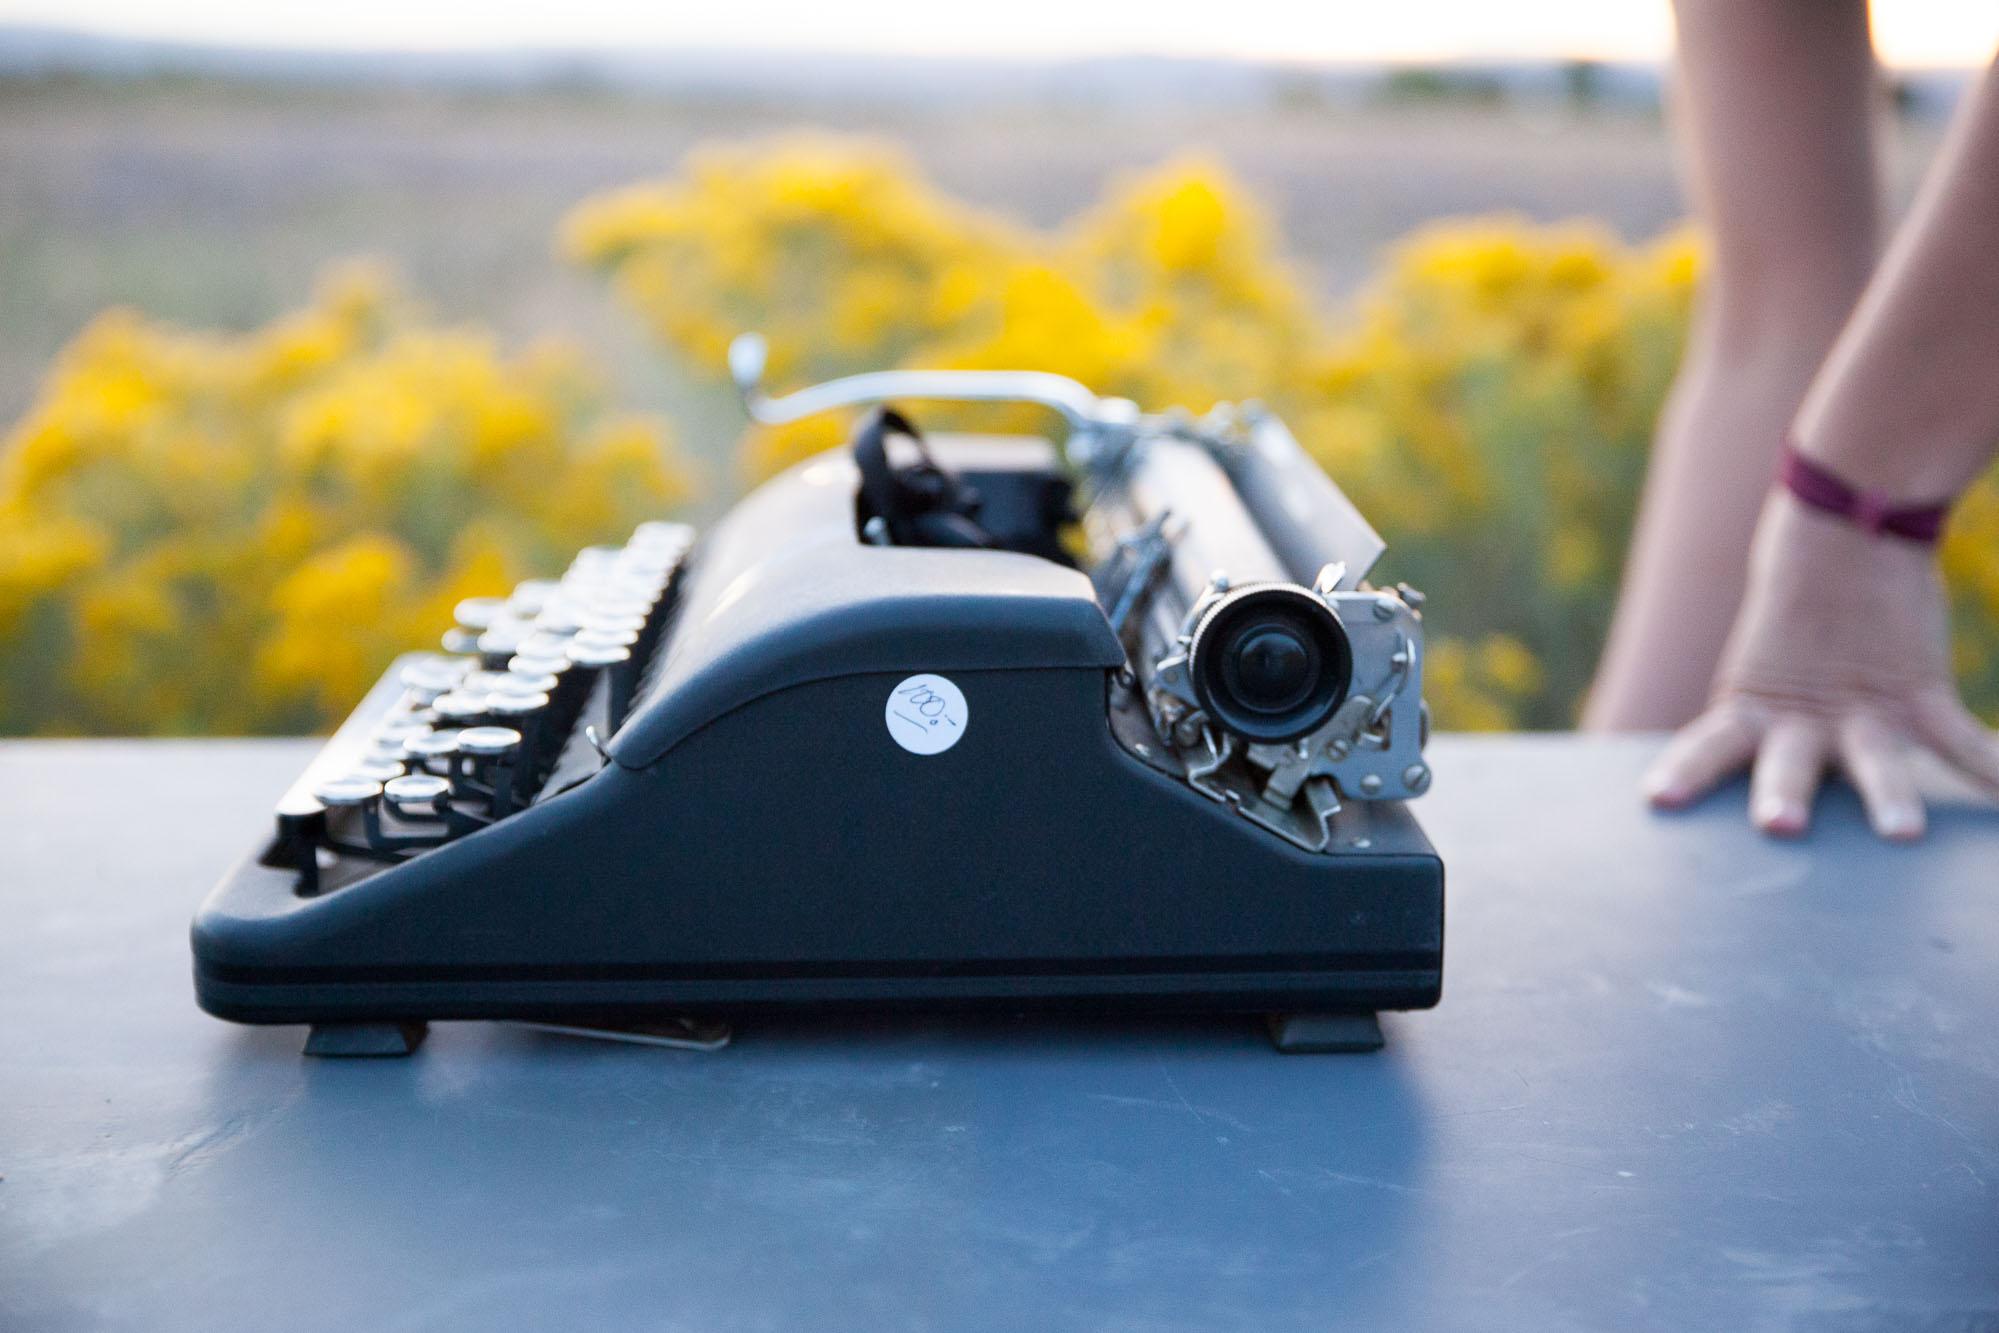 Good News Good Planet Radio Typewriter